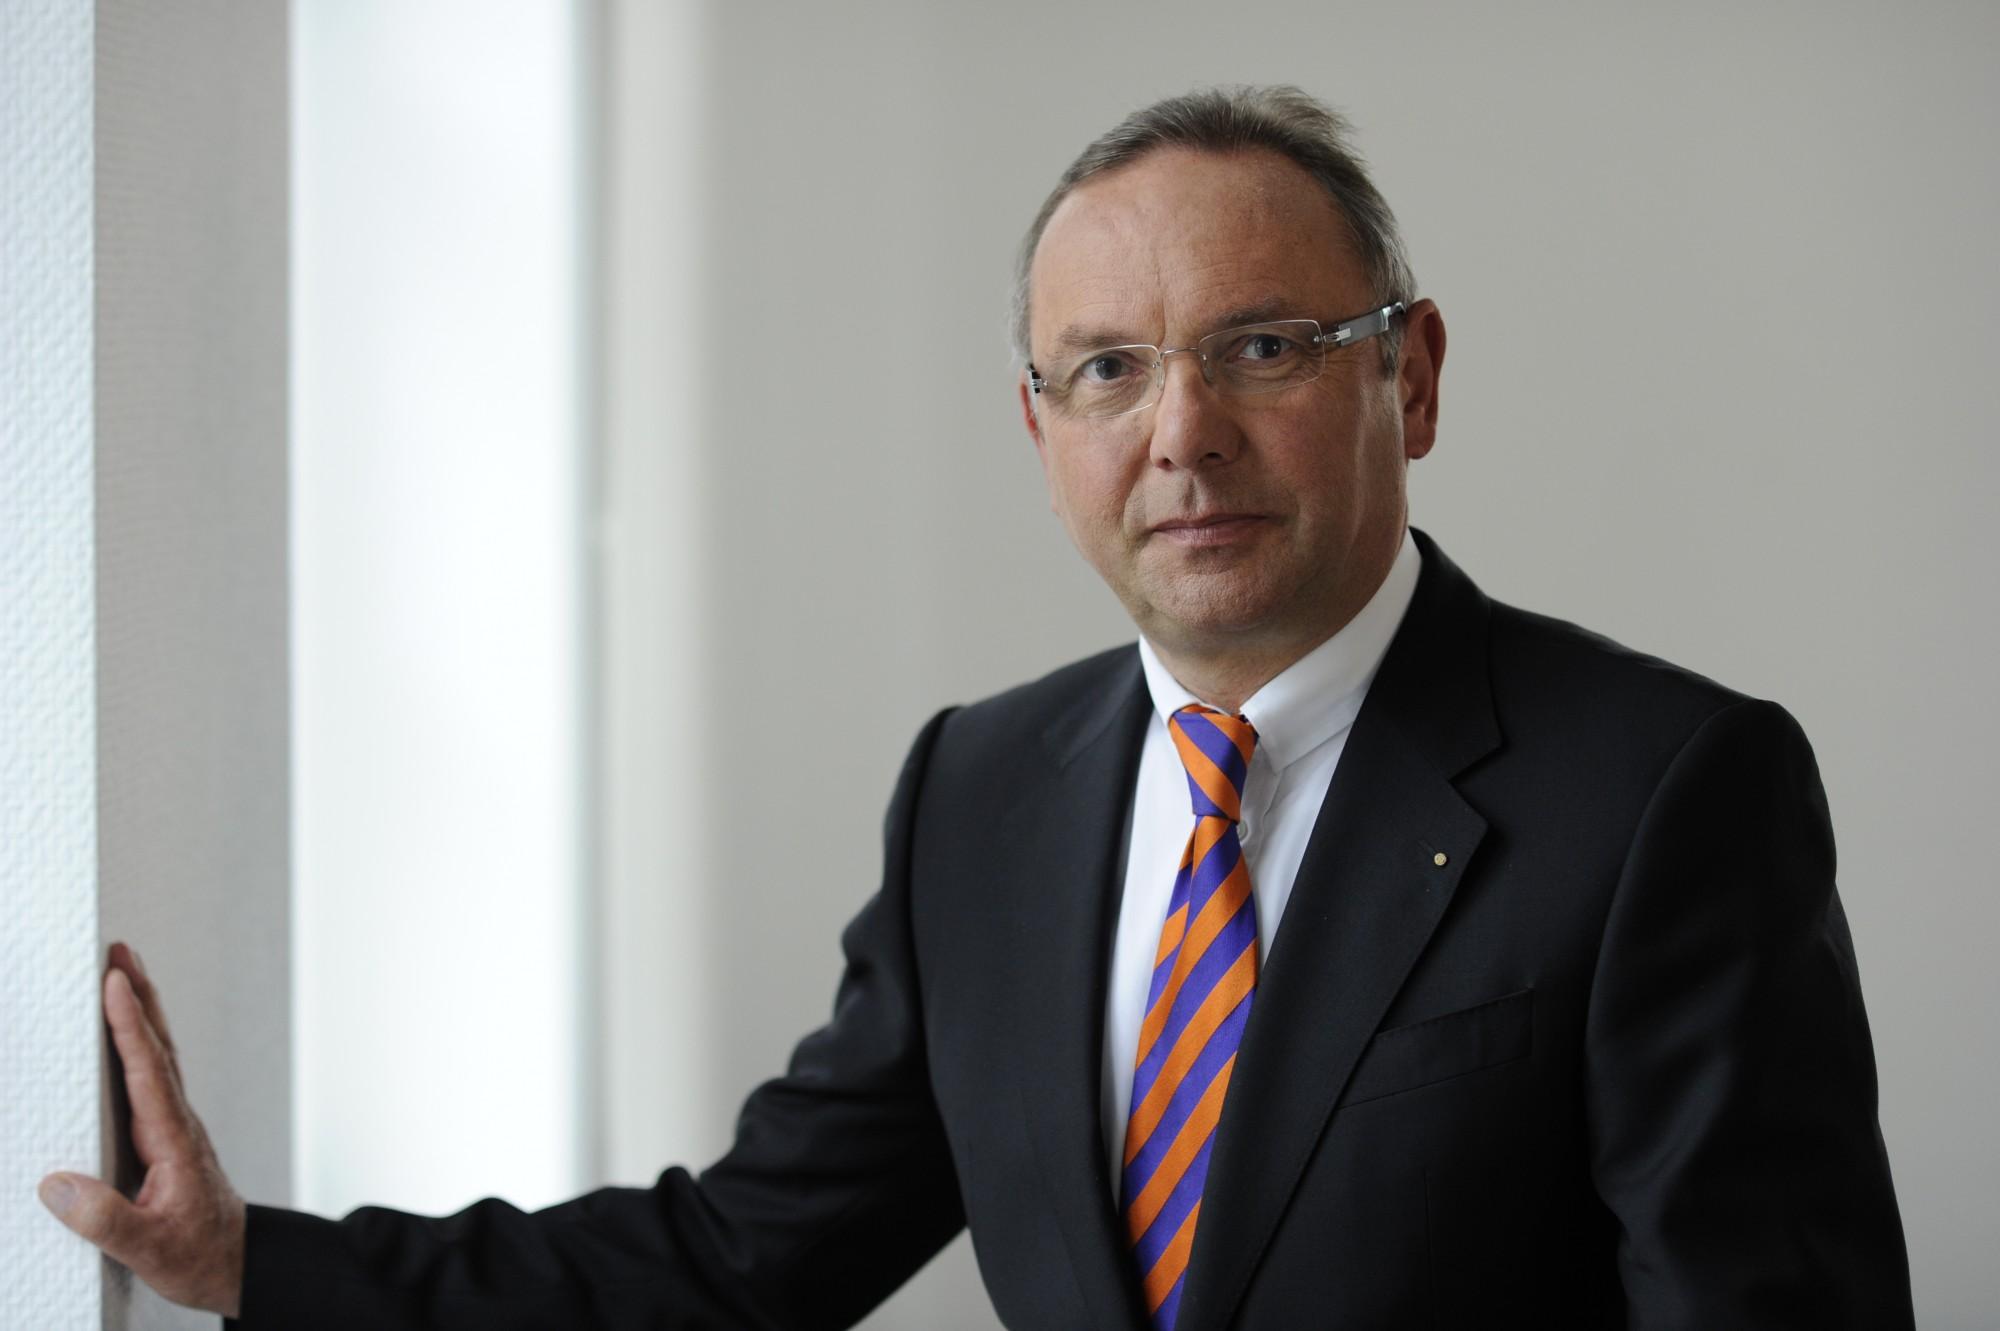 WOLL Sauerland Peter Kaufmann